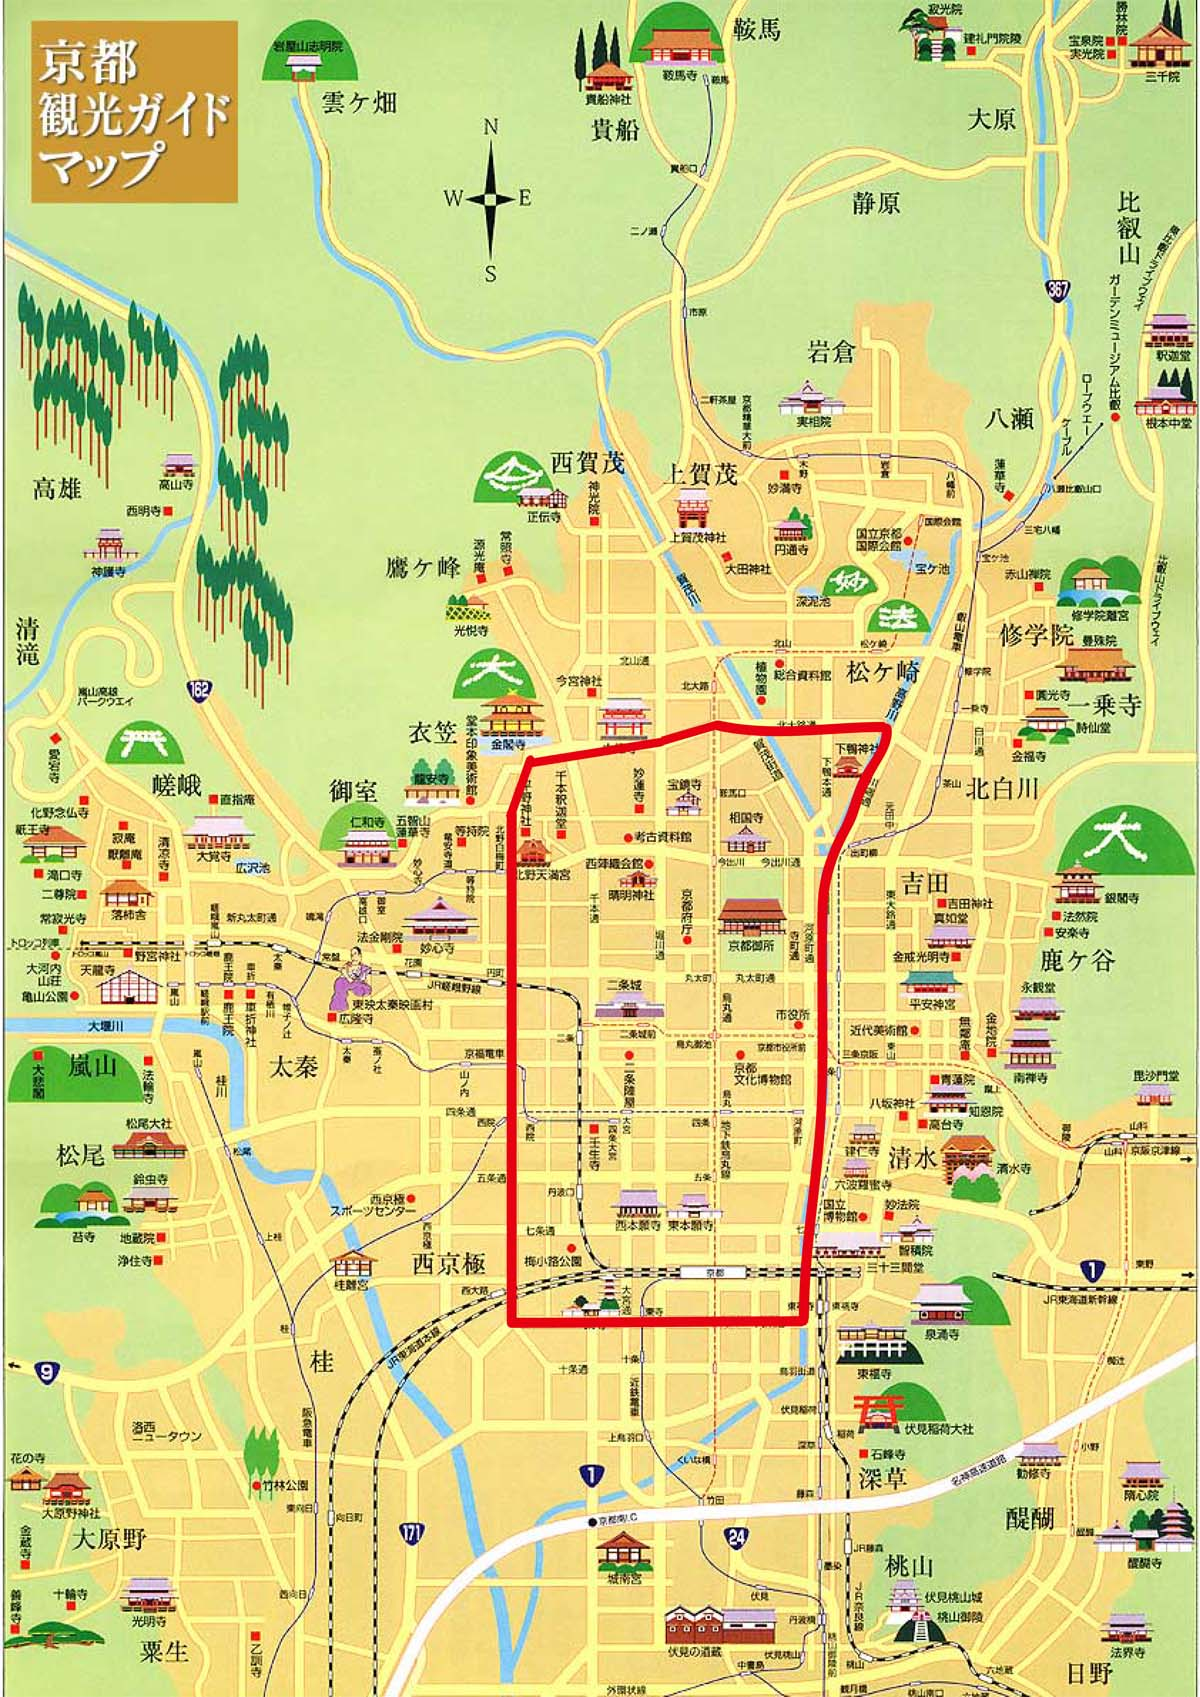 紅葉の時期、京都の町は外人だらけ、そしてはホテルは取りづらい。